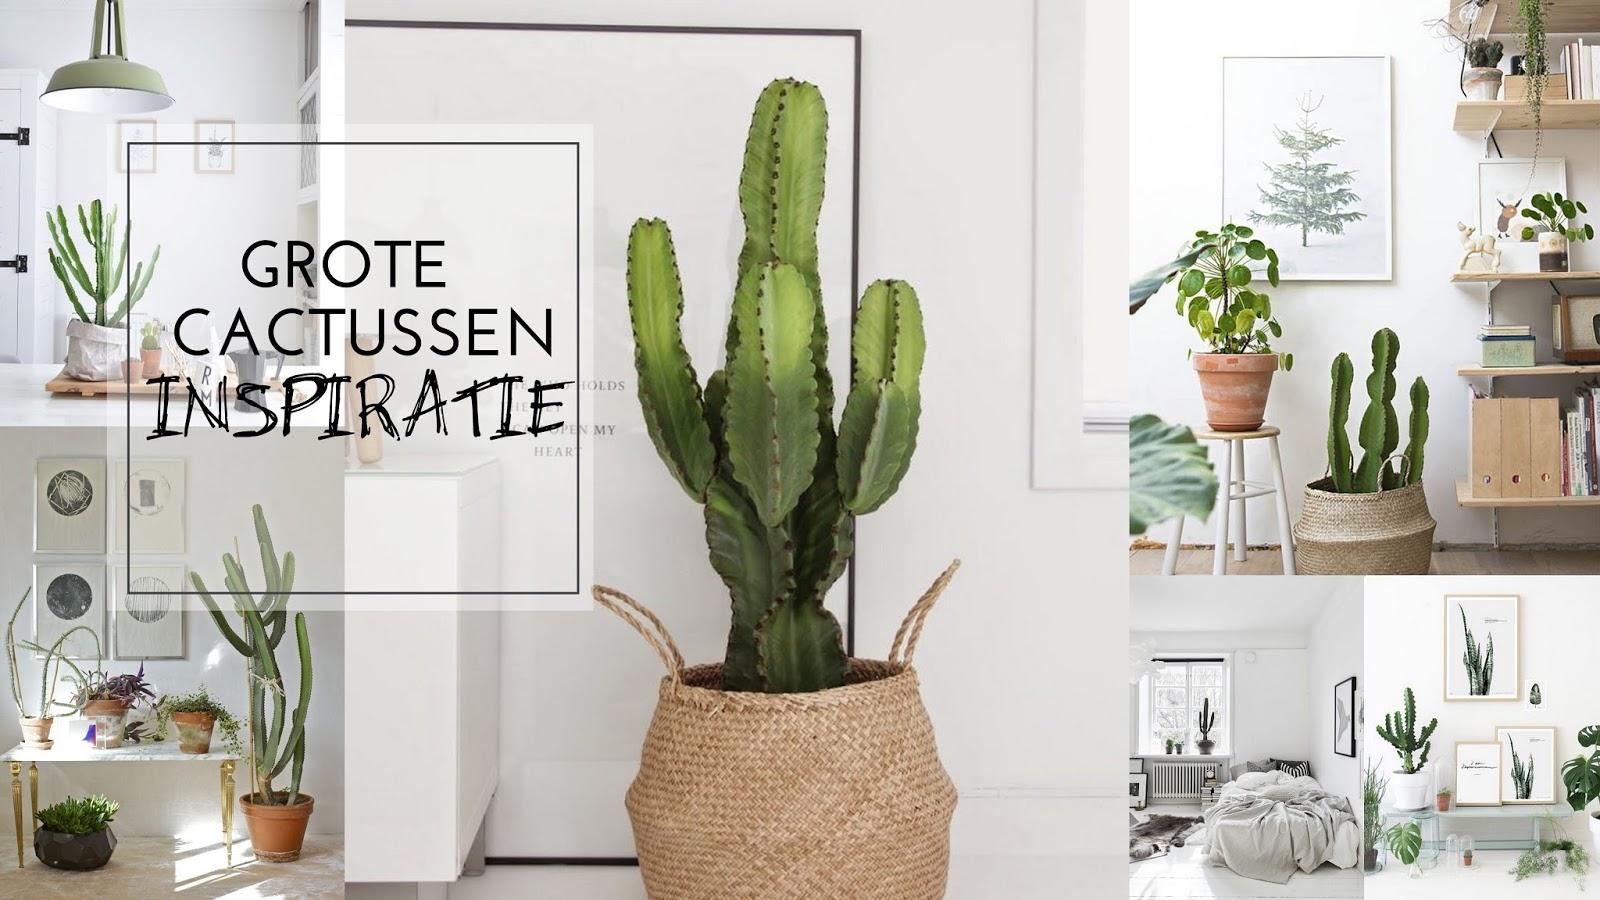 Inspiratie: grote cactussen   judith huls